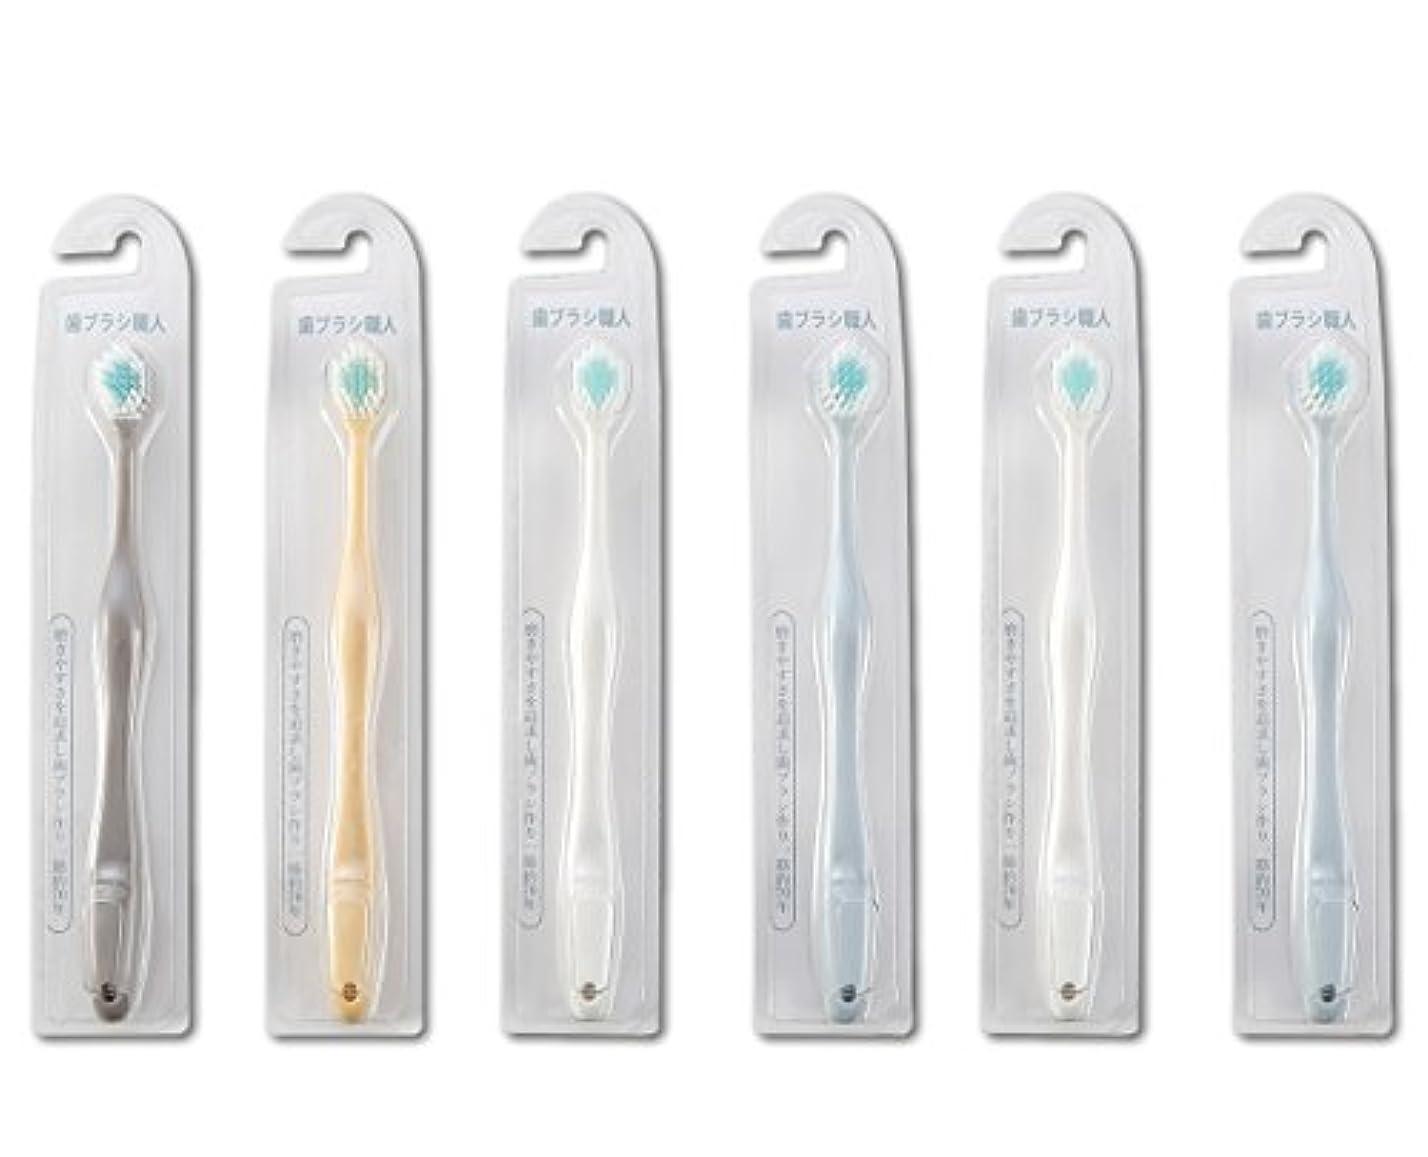 残酷な第心配歯ブラシ職人Artooth ® 田辺重吉 磨きやすい歯ブラシ ワイド 6列レギュラー AT-30 (6本組)